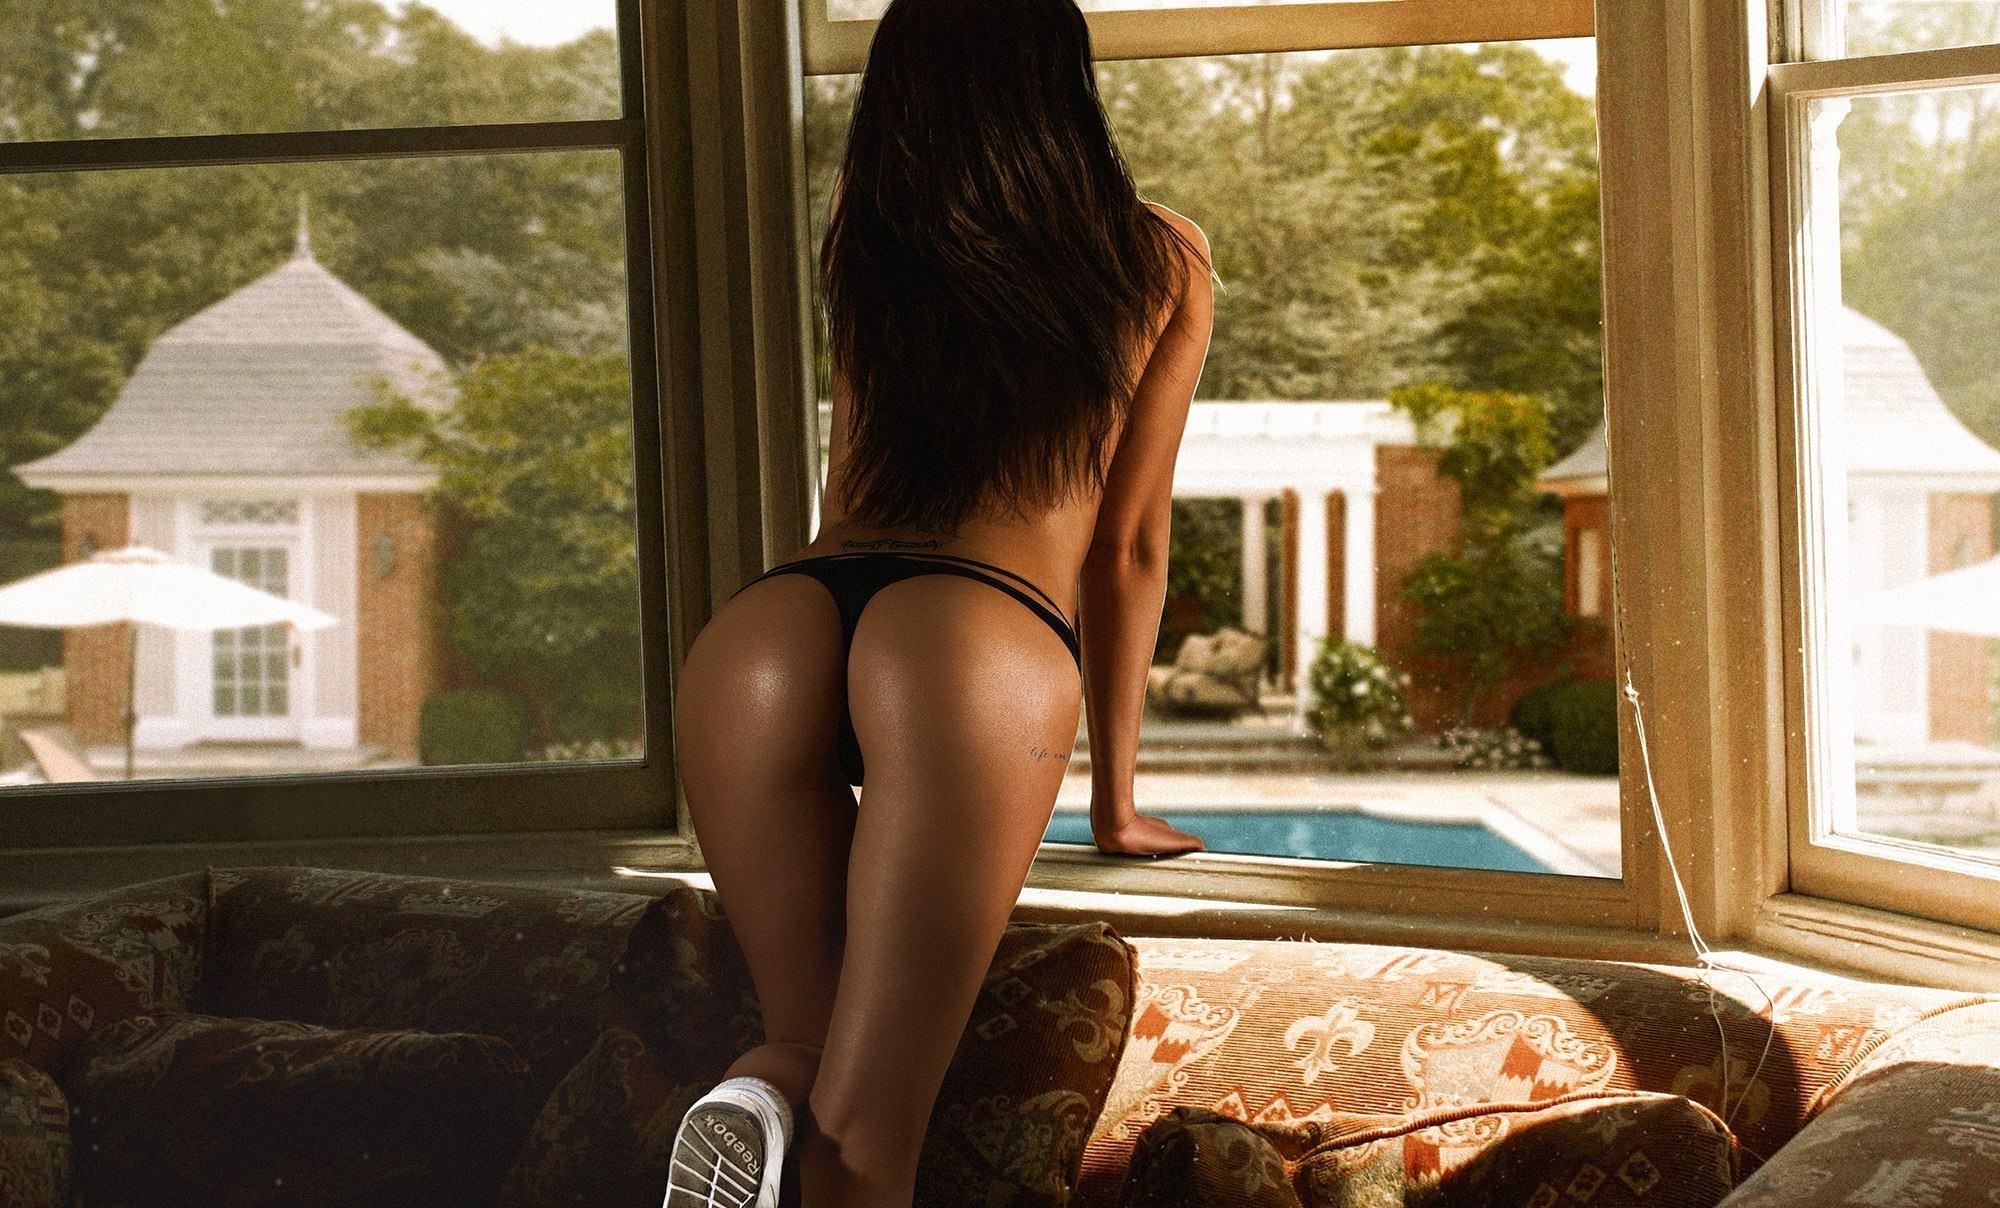 Фото Влажная упругая попка в черных стрингах, сексуальная брюнетка смотрит в окно, скачать картинку бесплатно